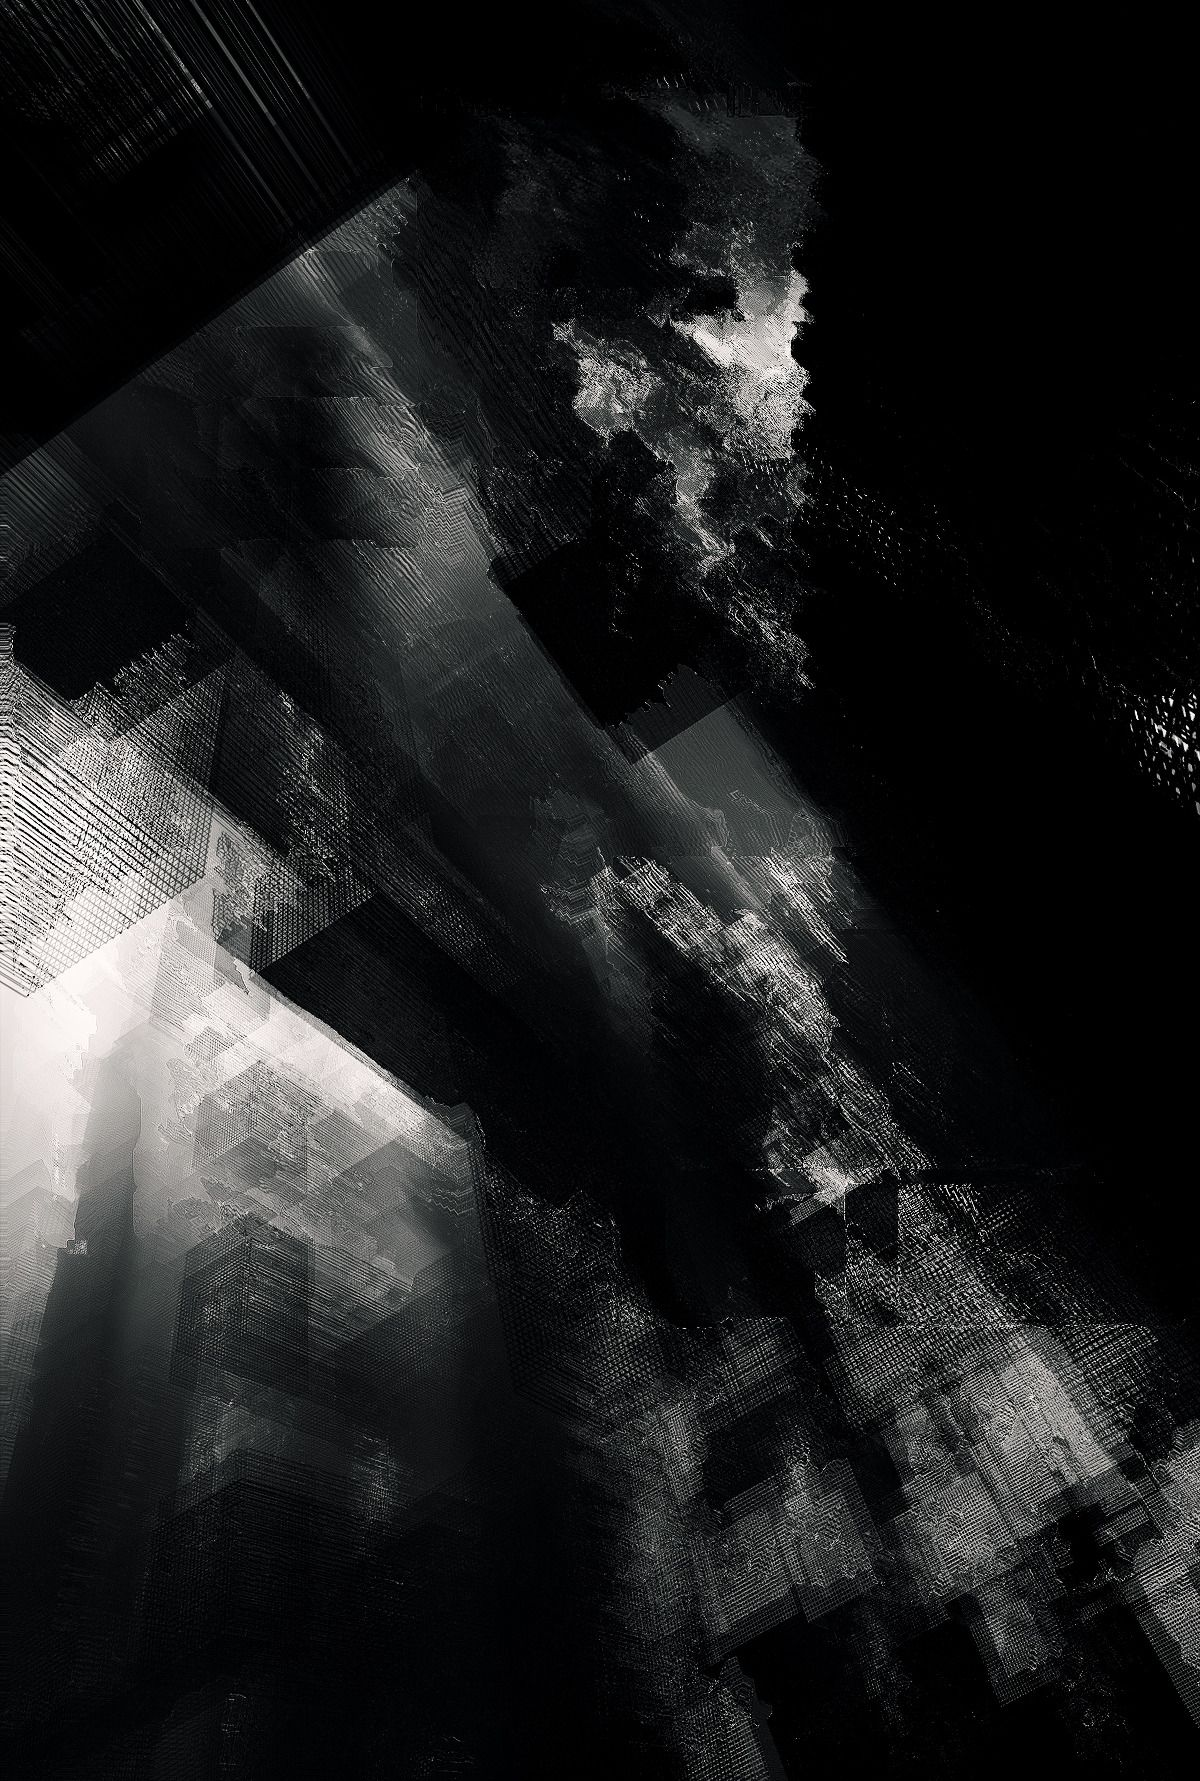 Tumblr Aesthetic Cover Art